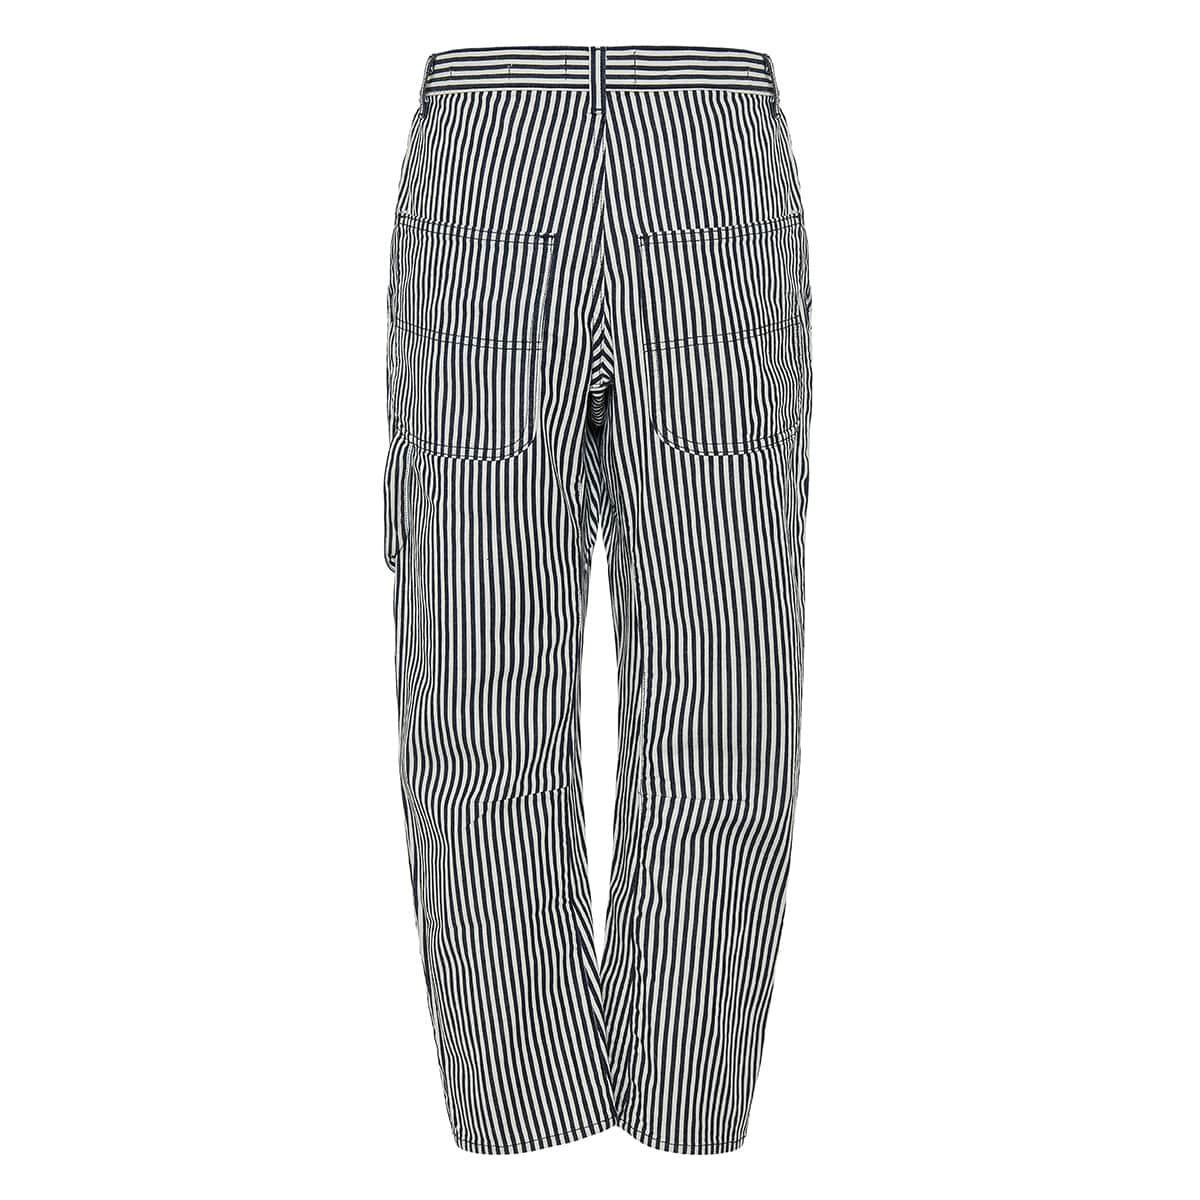 Carpenter striped denim trousers